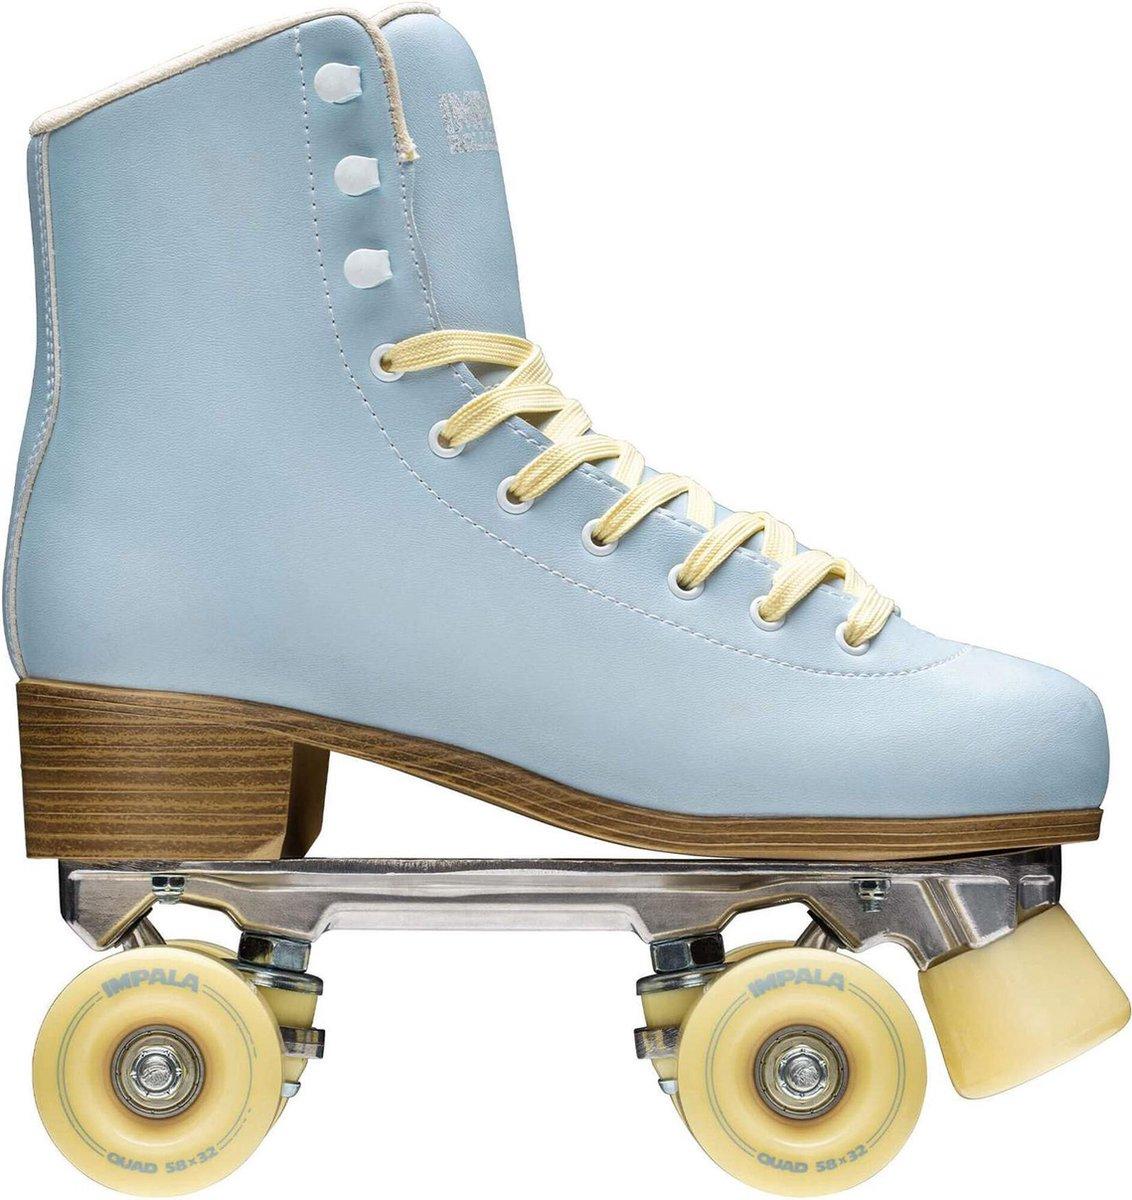 Impala Rolschaatsen - Maat 39Volwassenen - Licht blauw/geel